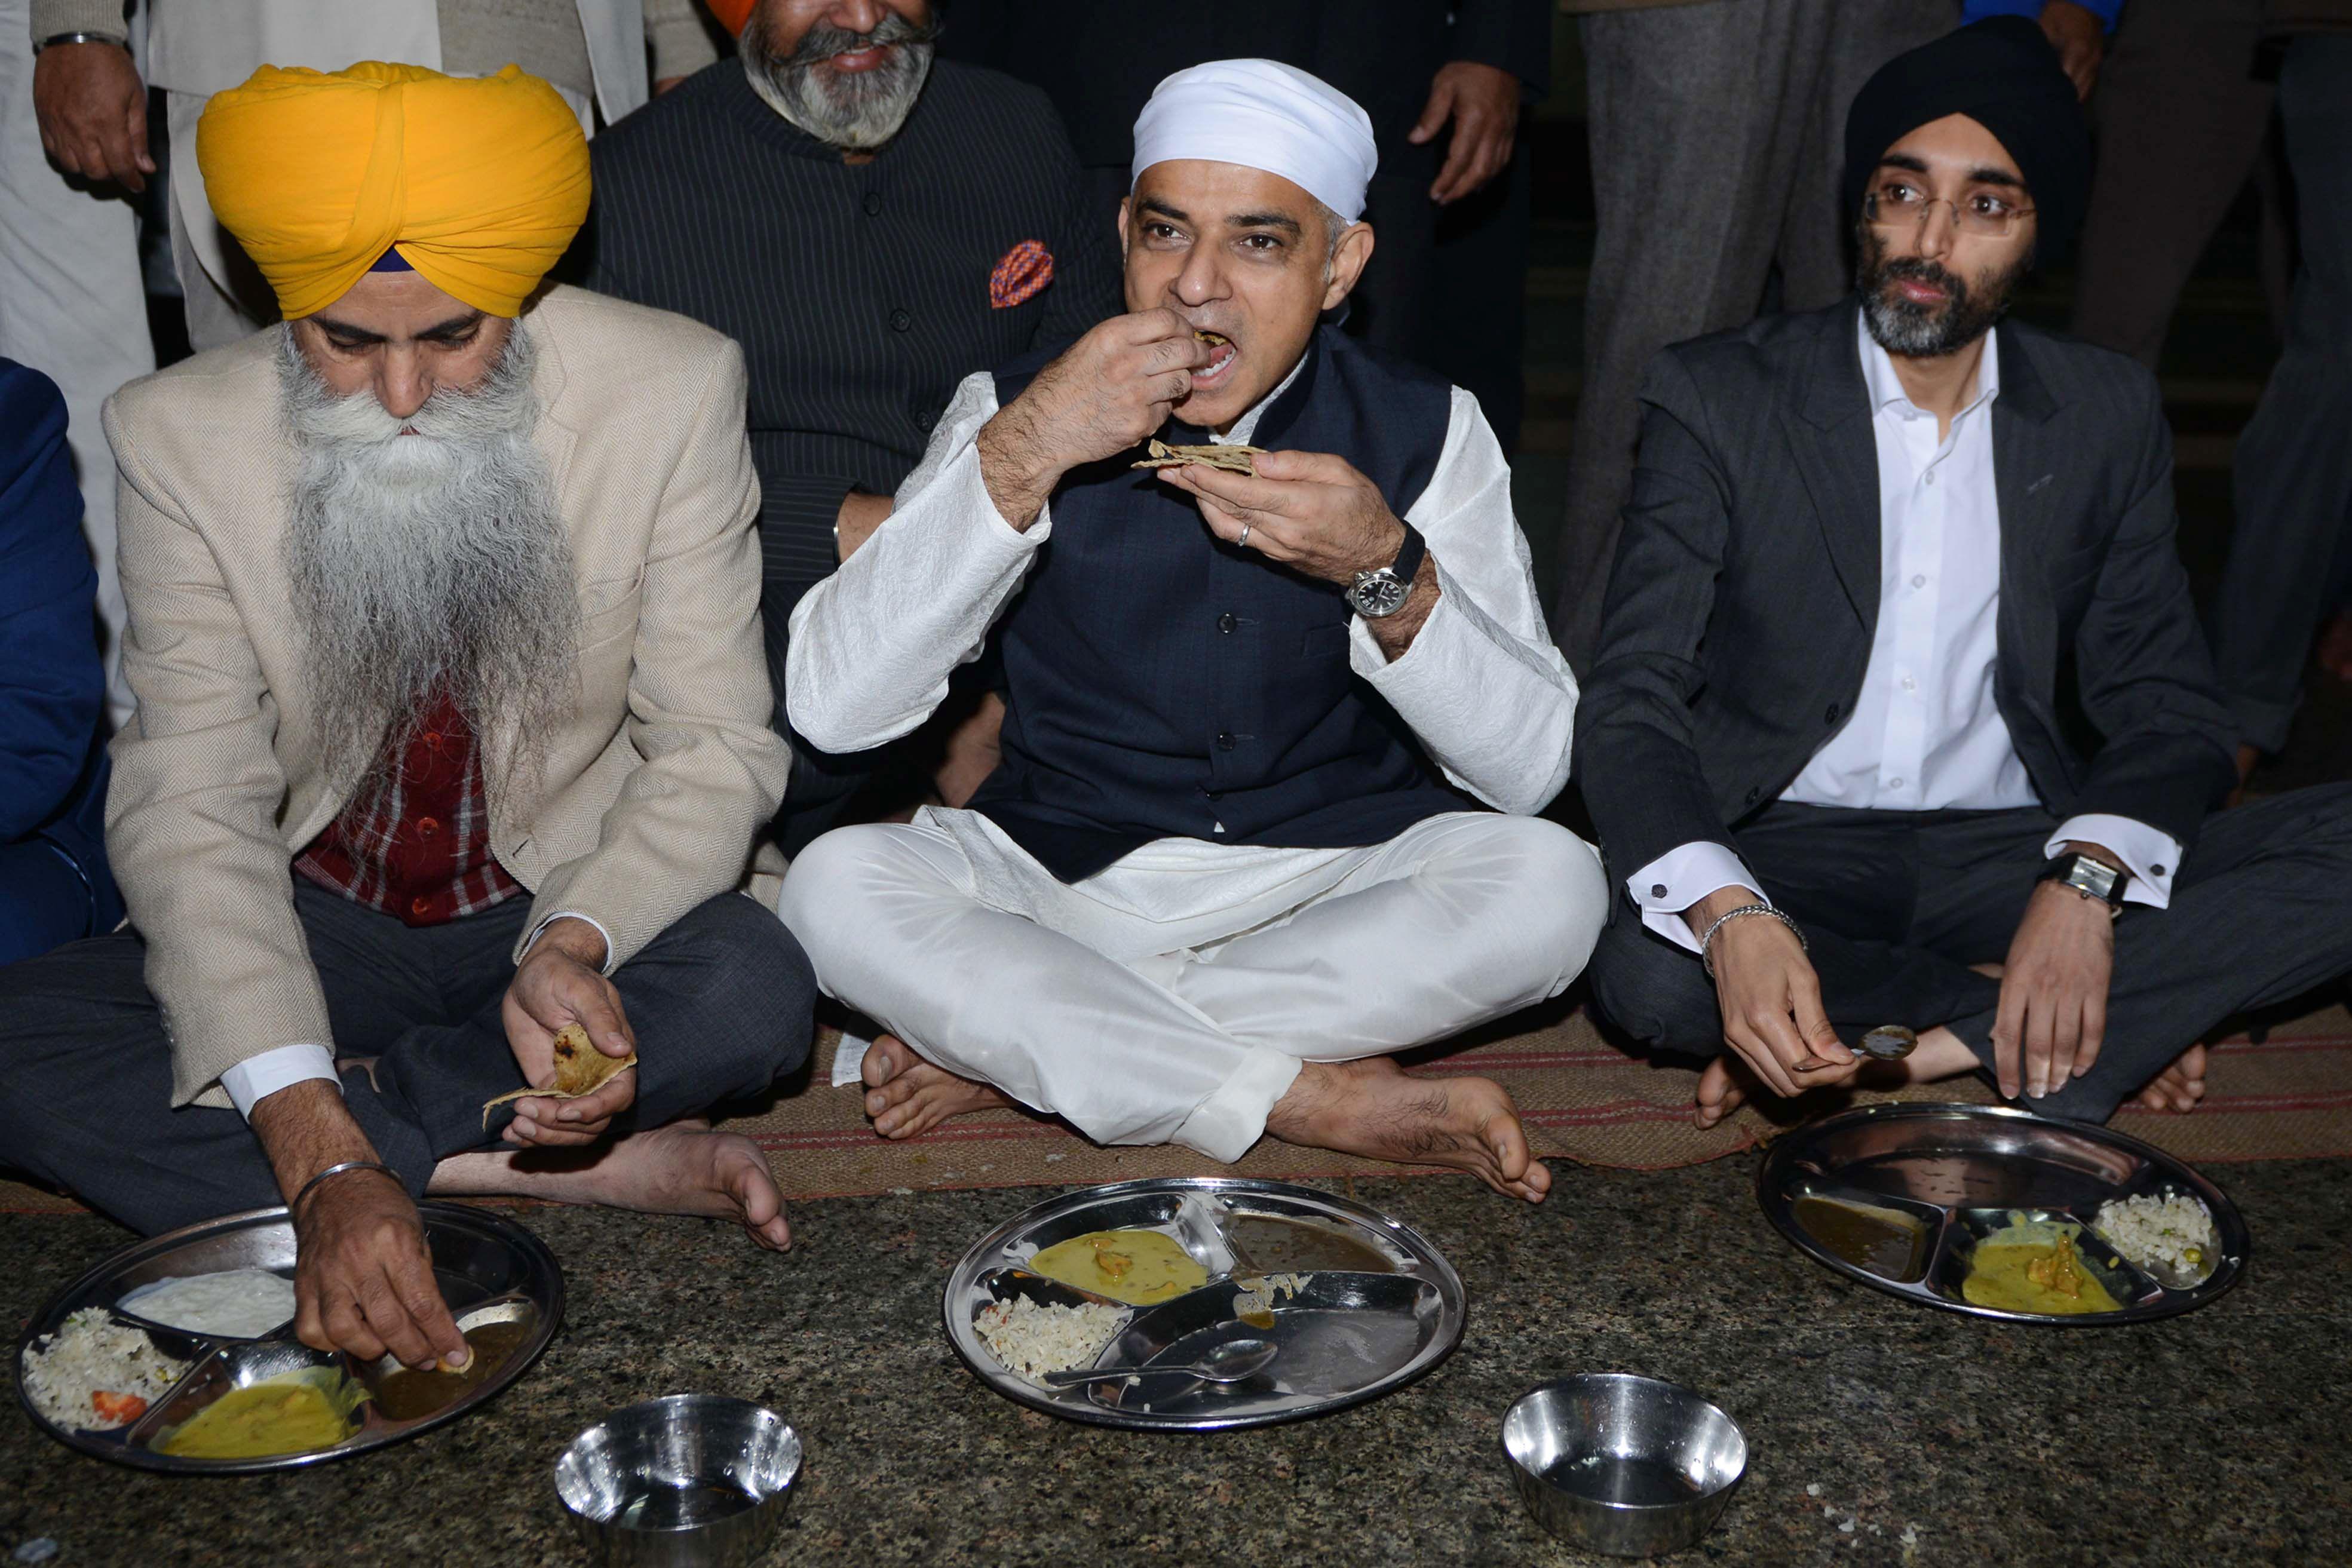 عمدة لندن صادق خان خلال زيارته لمعبد المعبد الذهبى